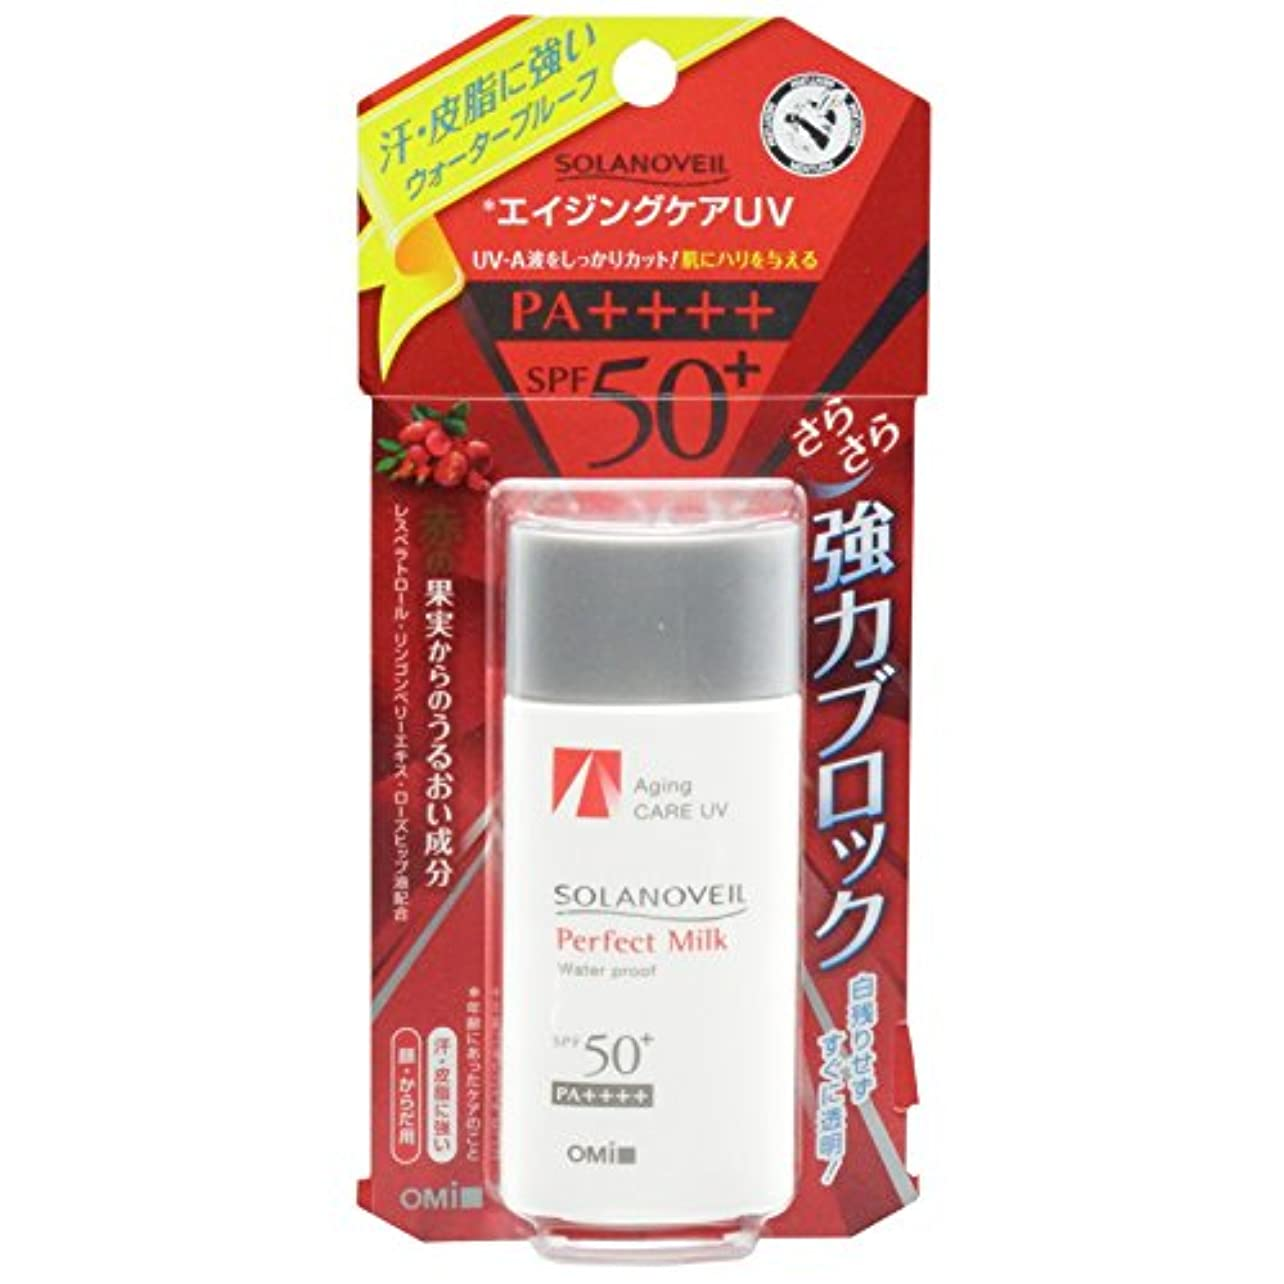 ソラノベールR パーフェクトミルク (SPF50+ PA++++) 40mL